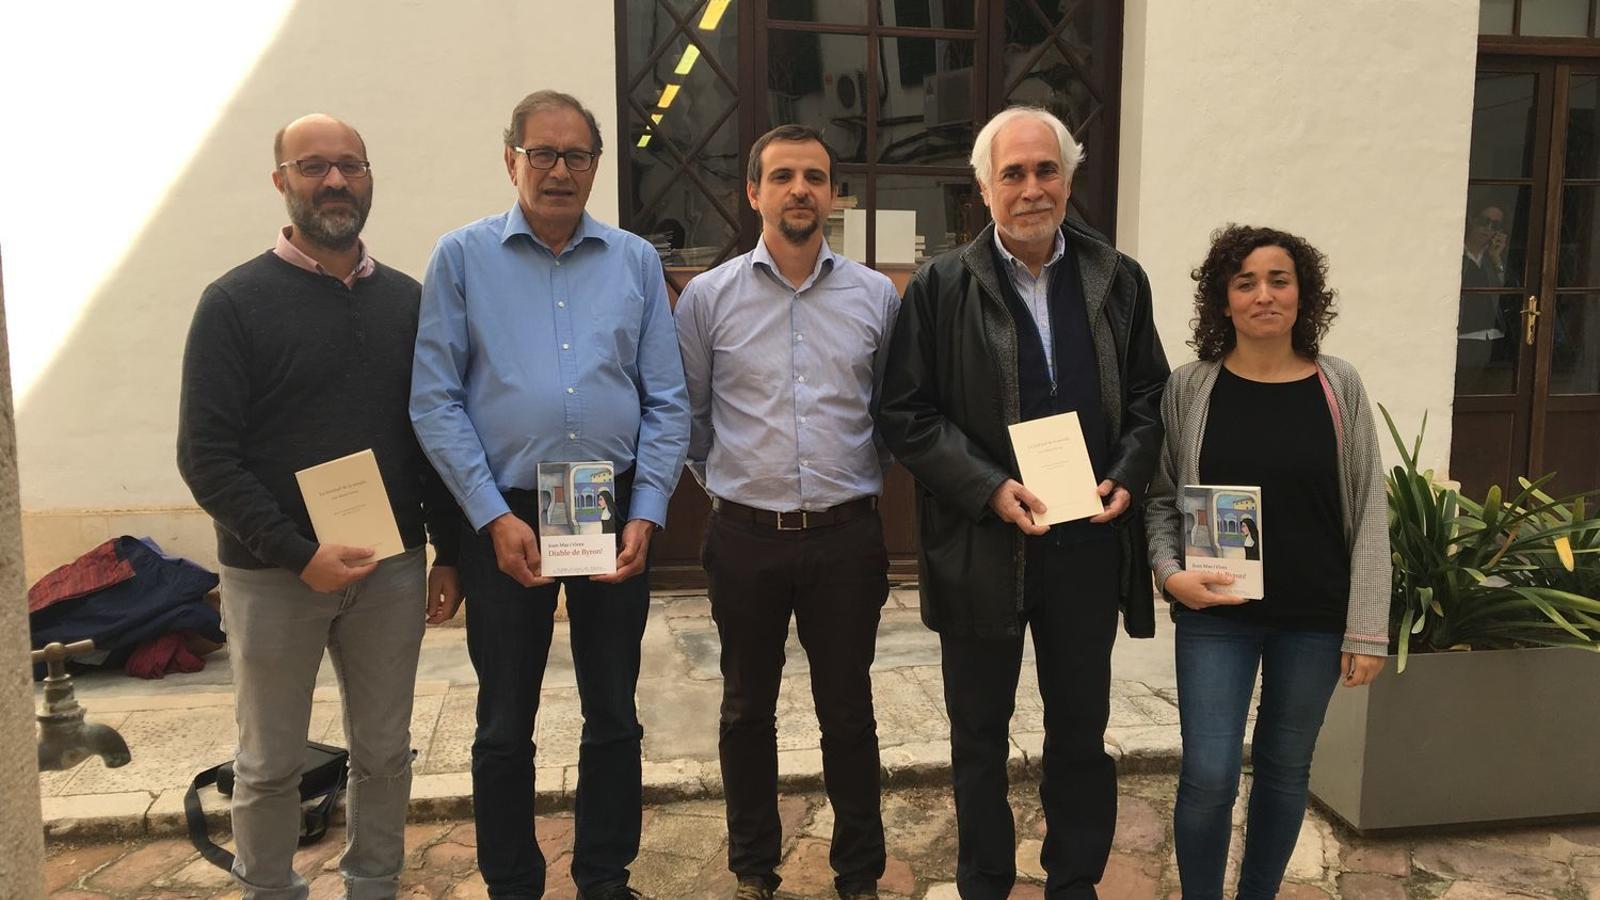 El regidor de cultura, Llorenç Carrió, amb els premiats al Ciutat de Palma 2017